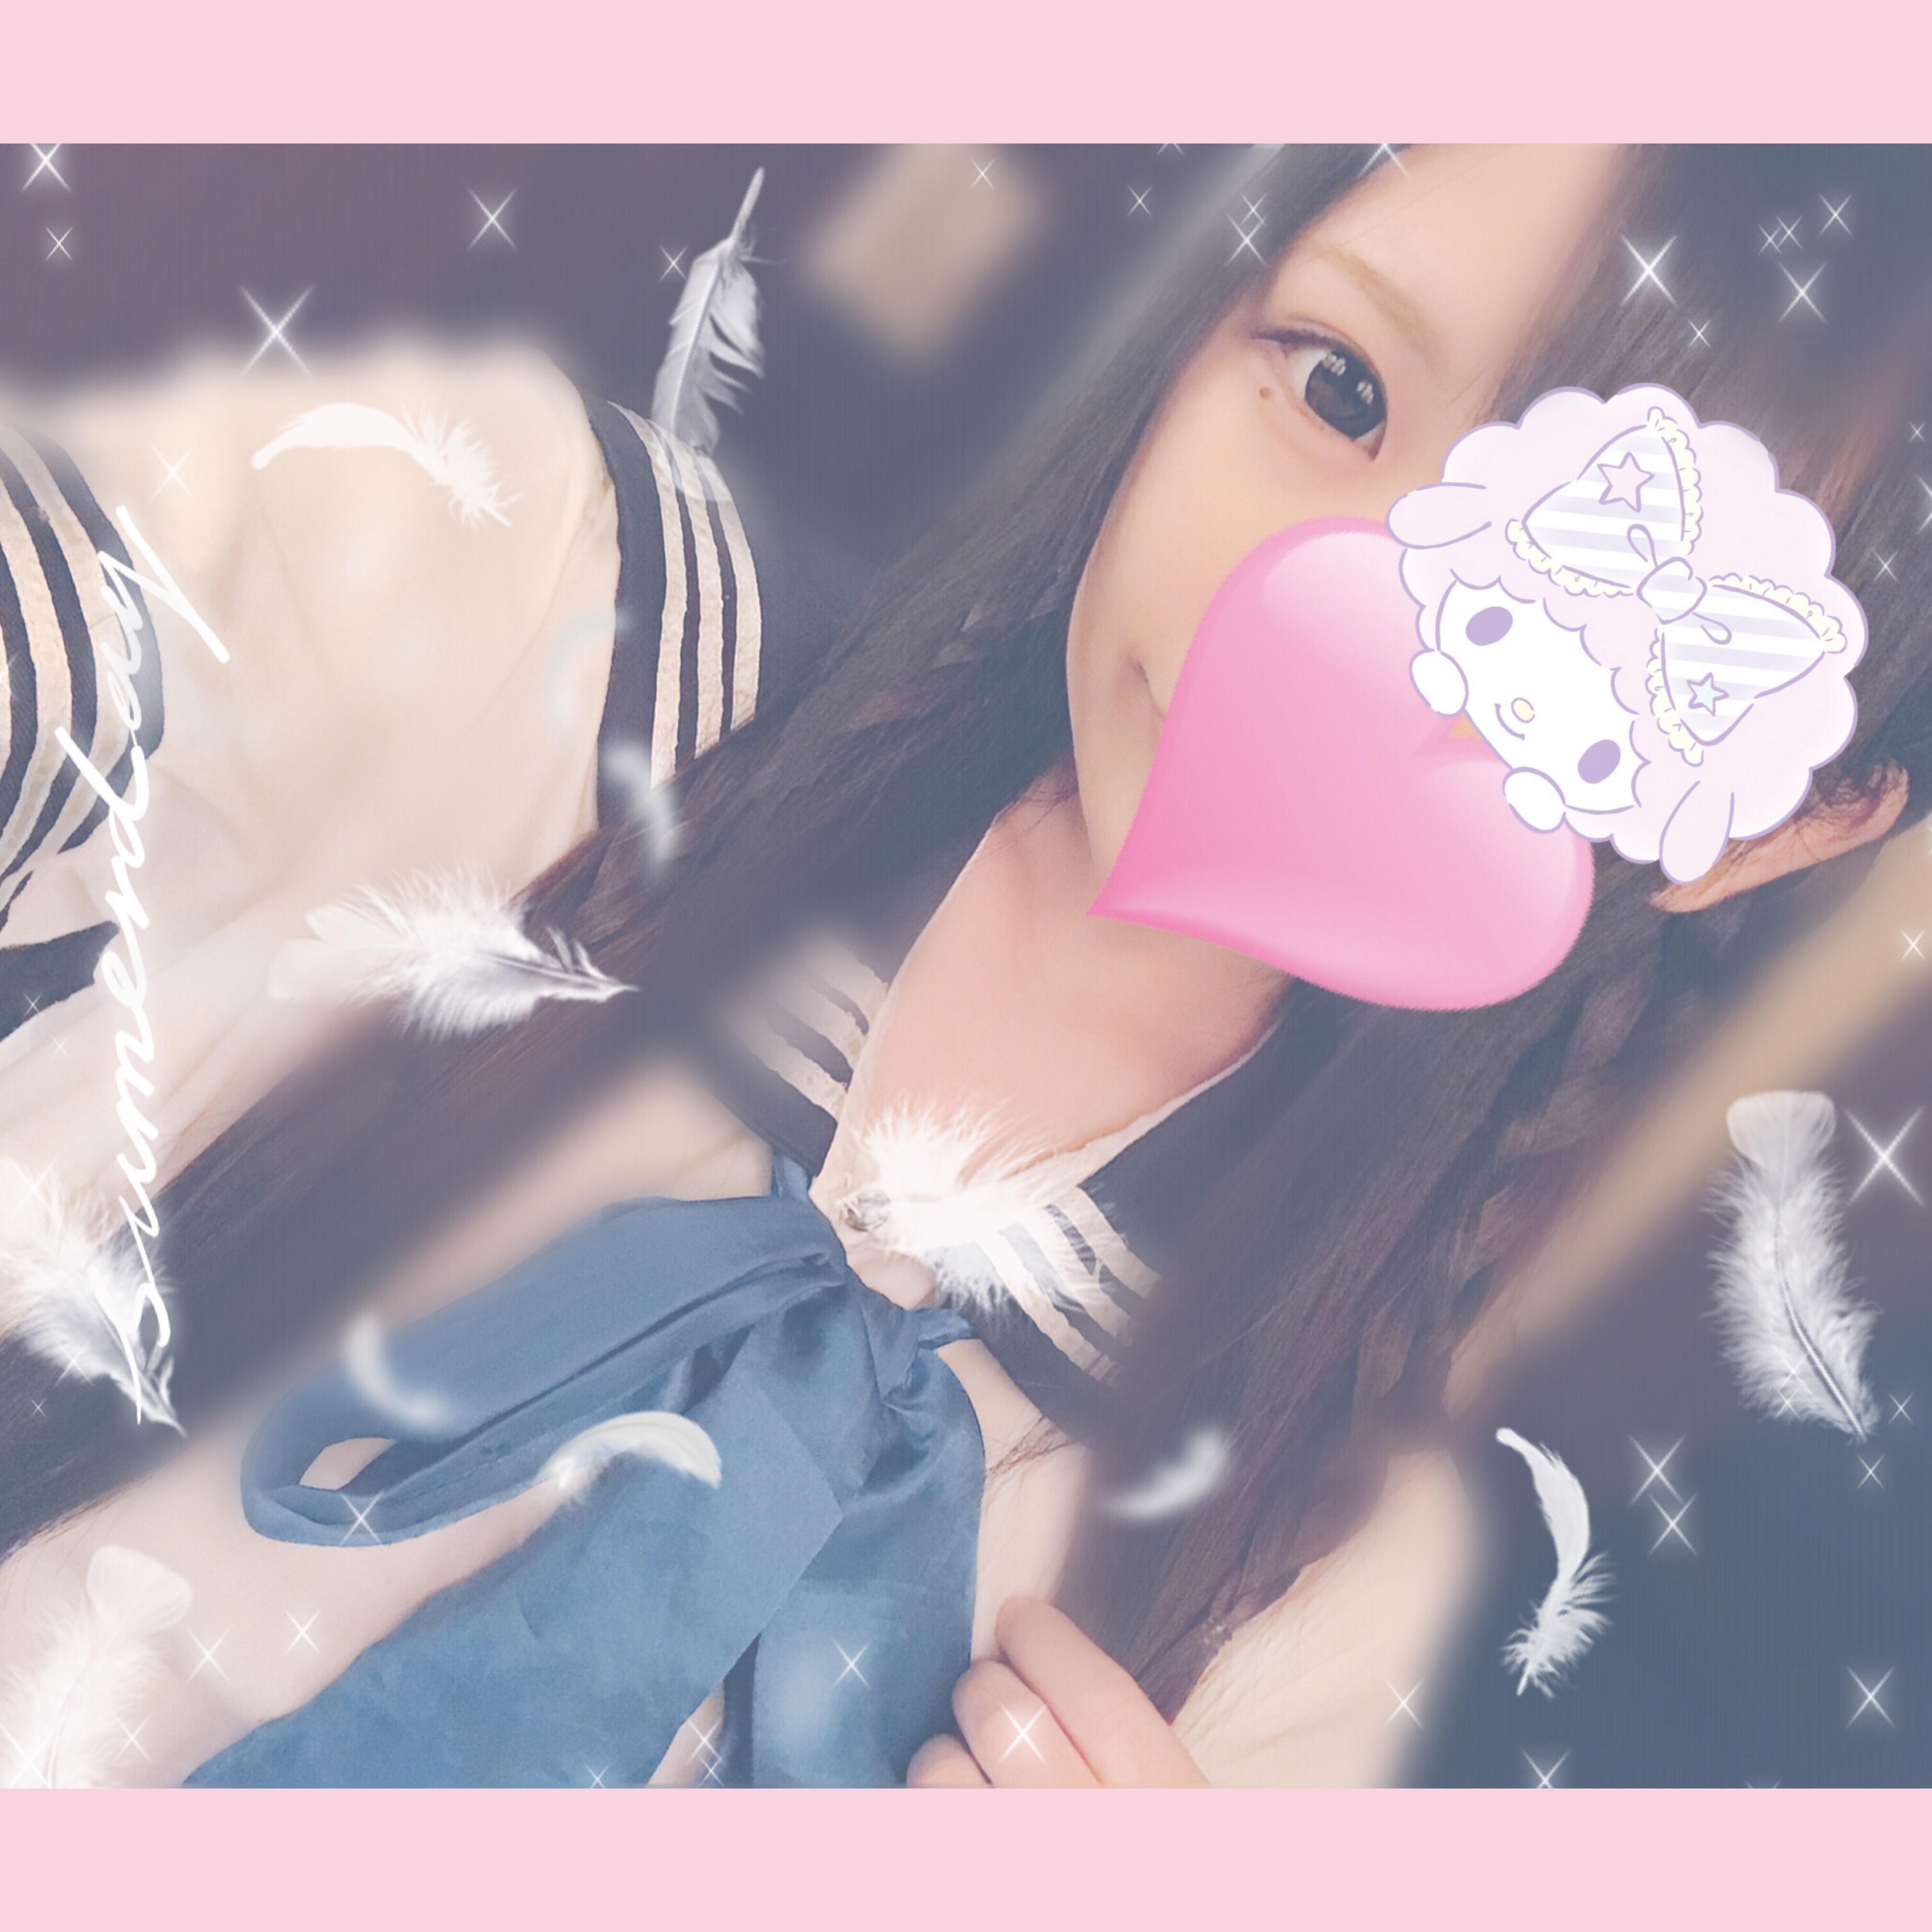 「はまってる☆」09/19(09/19) 13:22 | ゆめなの写メ・風俗動画